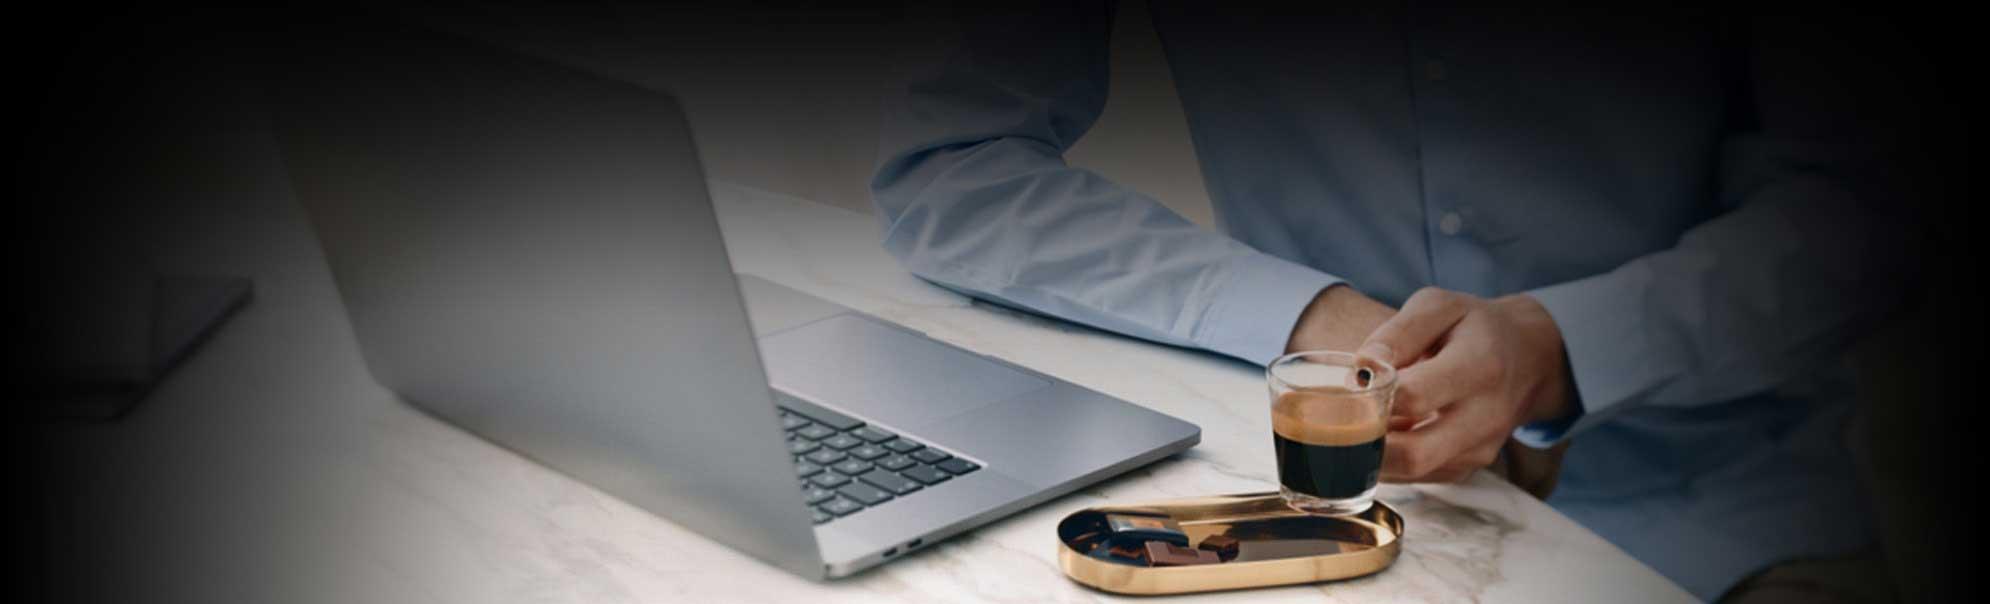 Nespresso - najem, użyczenie, sprzedaż - modele biznesowe